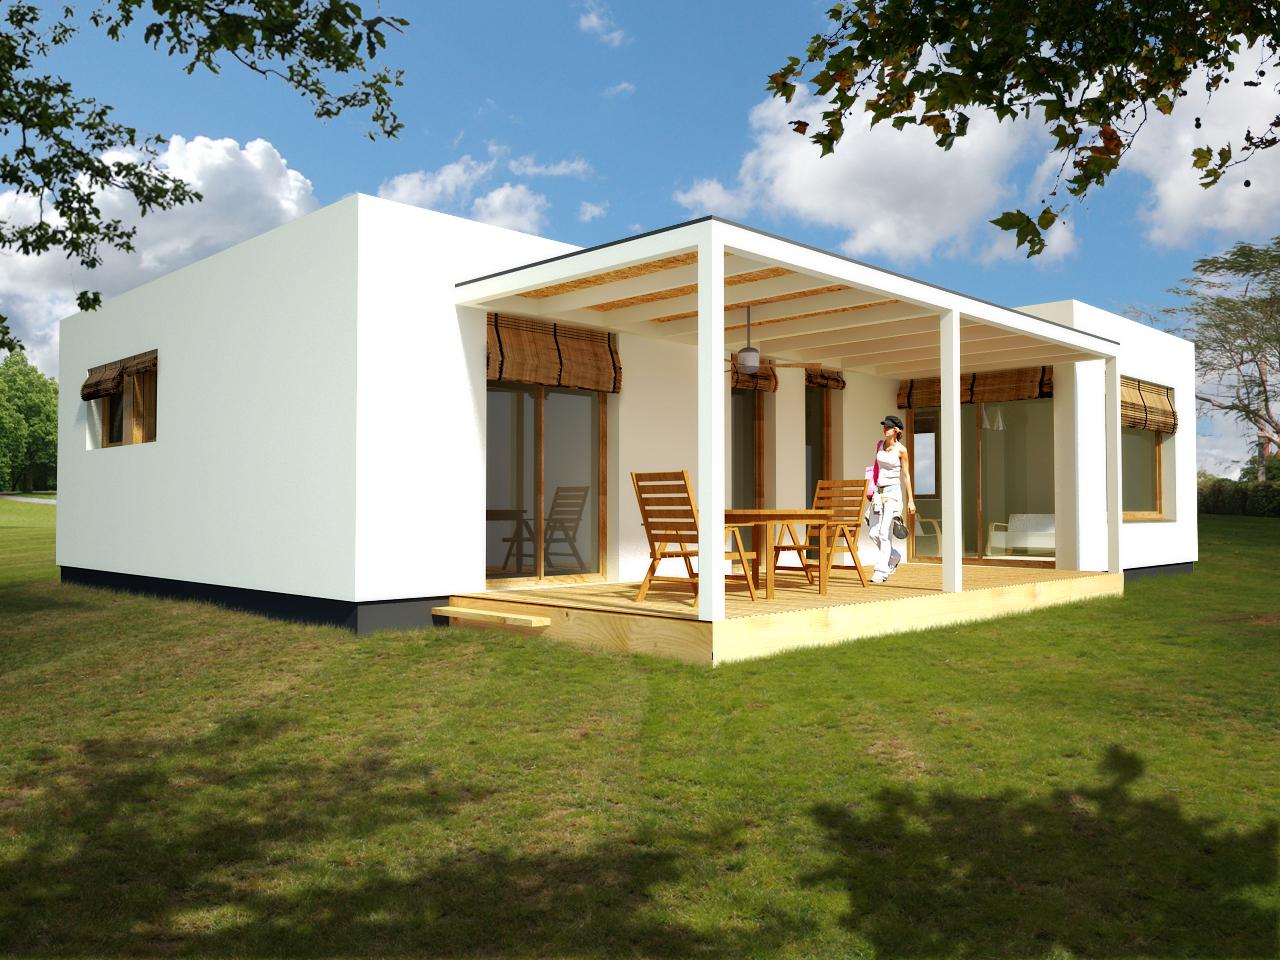 Casas modulares blochouse - Casas modulares barcelona ...